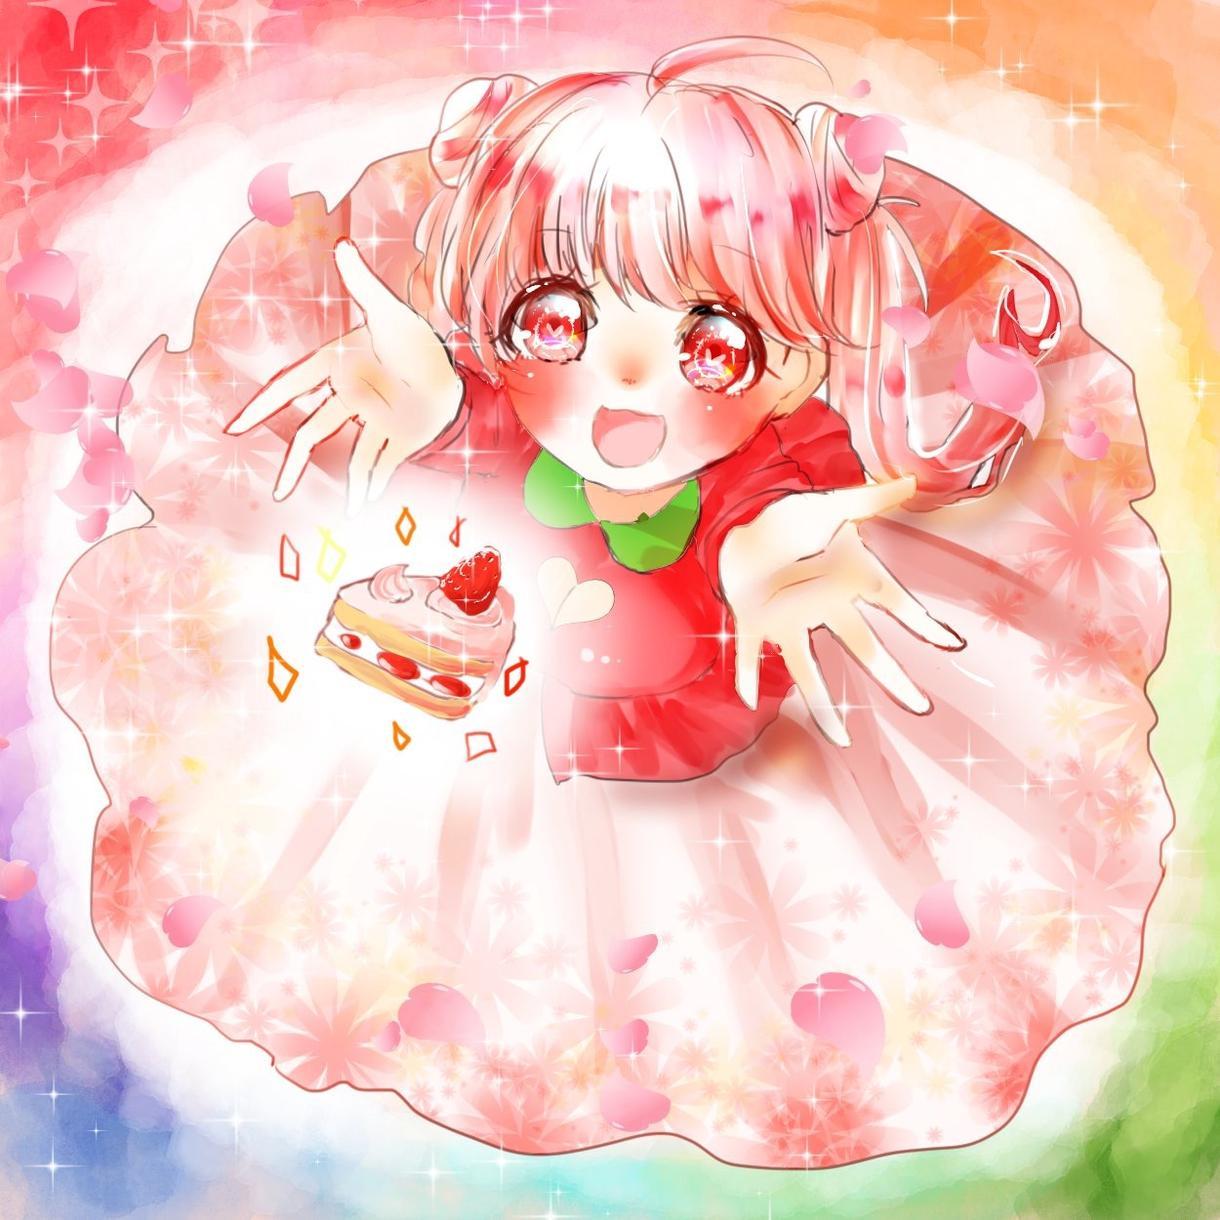 可愛い系女の子のアイコン描きます!